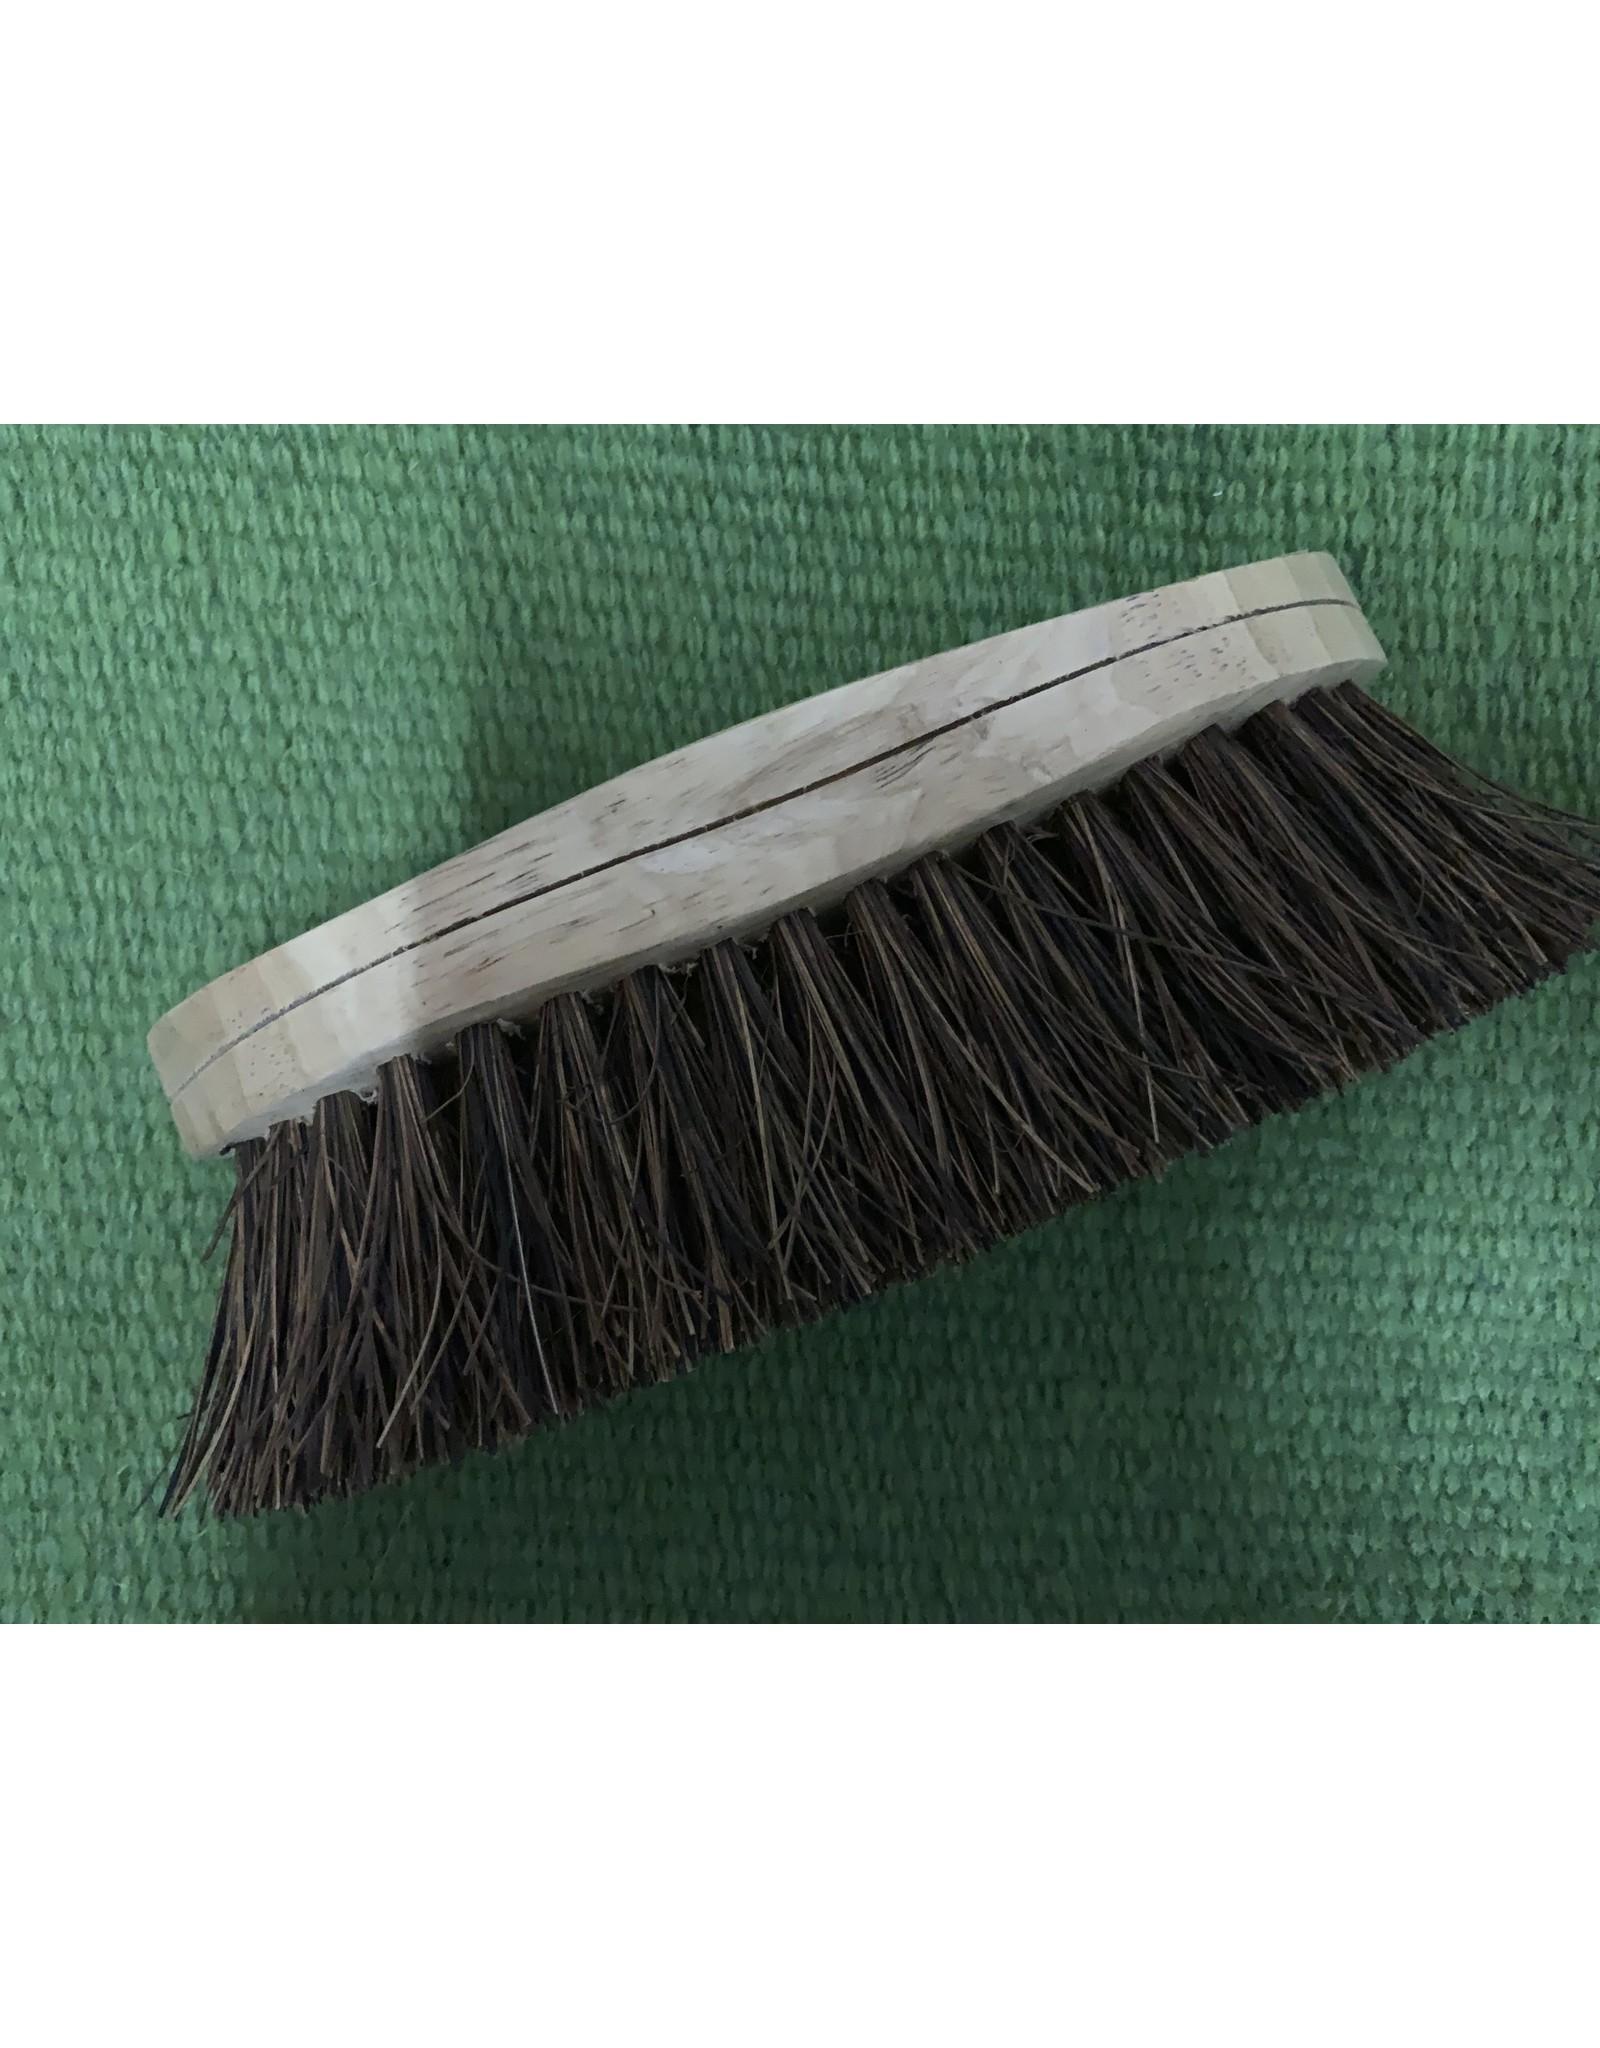 Brush - Palmyra Curved Mud Brush Horses - #844-052 ****Back Ordered*****